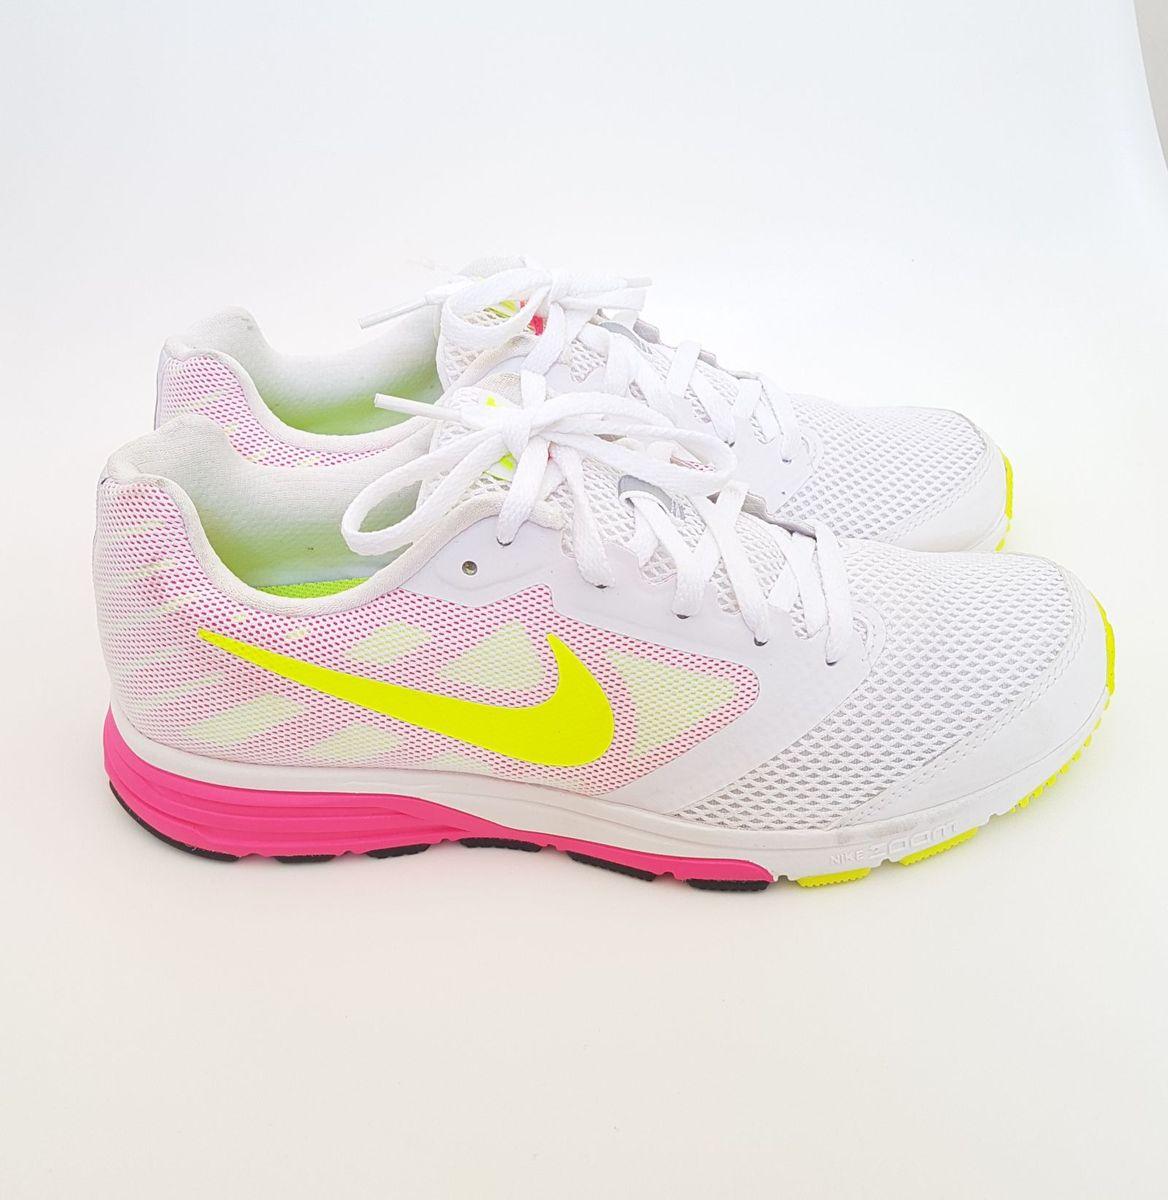 Irregularidades patio Acercarse  Tênis Nike Zoom Fly Branco, Rosa e Amarelo Neon 38 | Tênis Feminino Nike  Nunca Usado 30359617 | enjoei